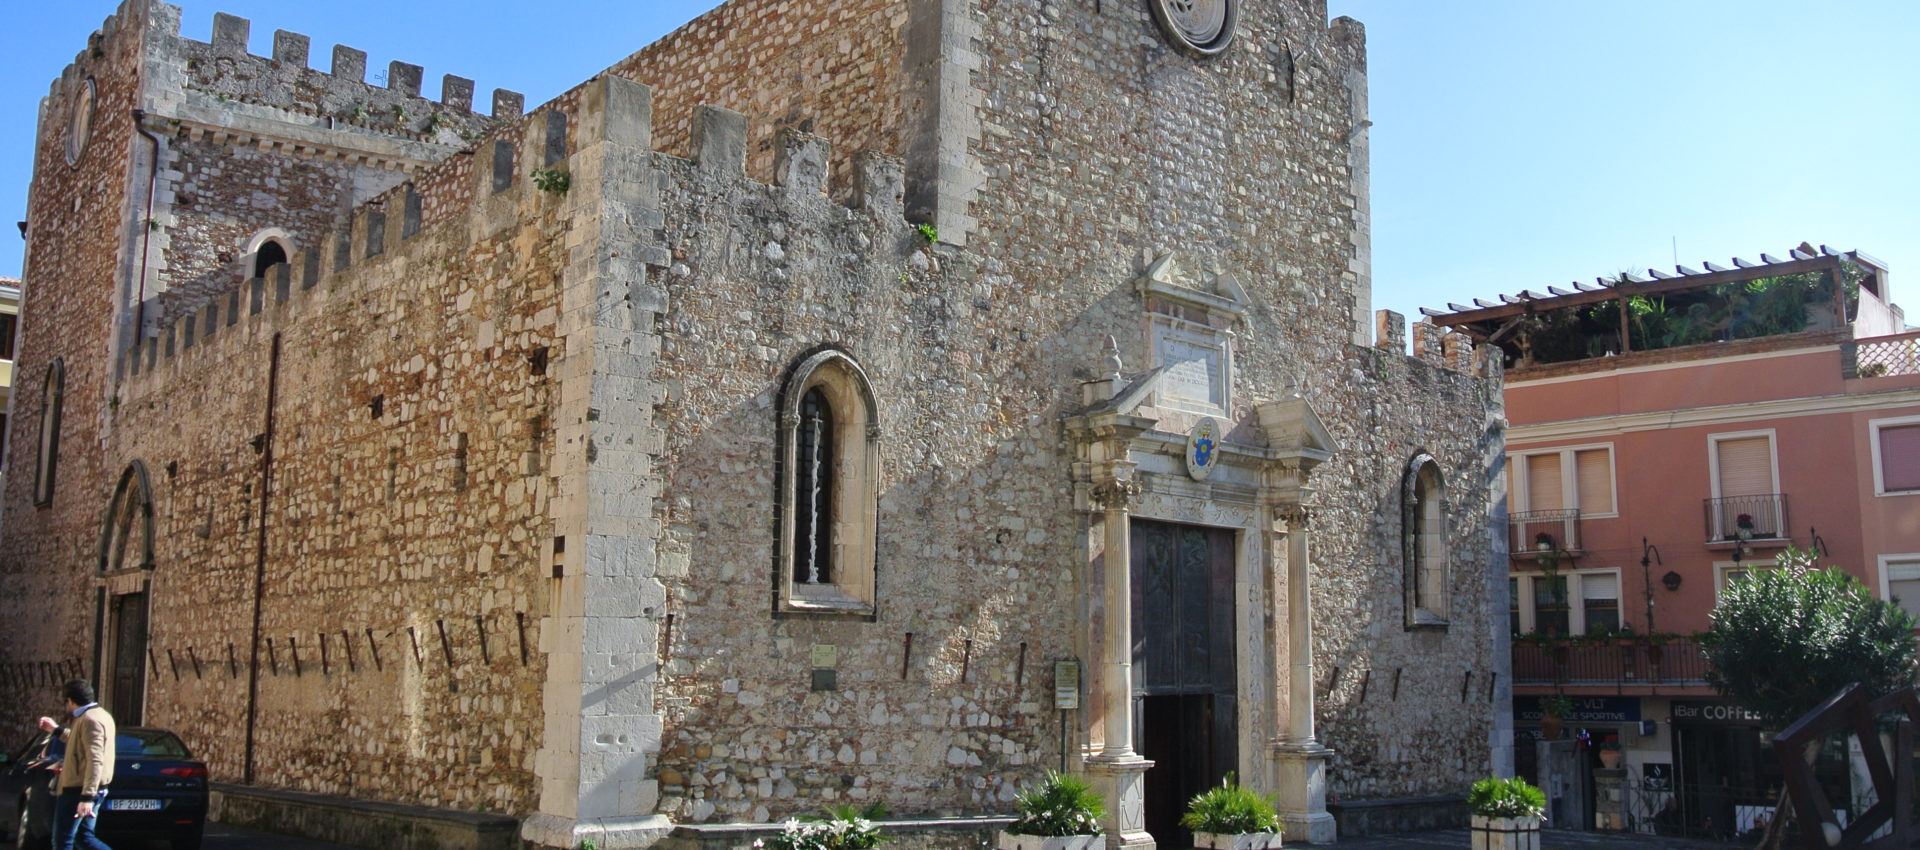 Chiesa del Duomo di Taormina